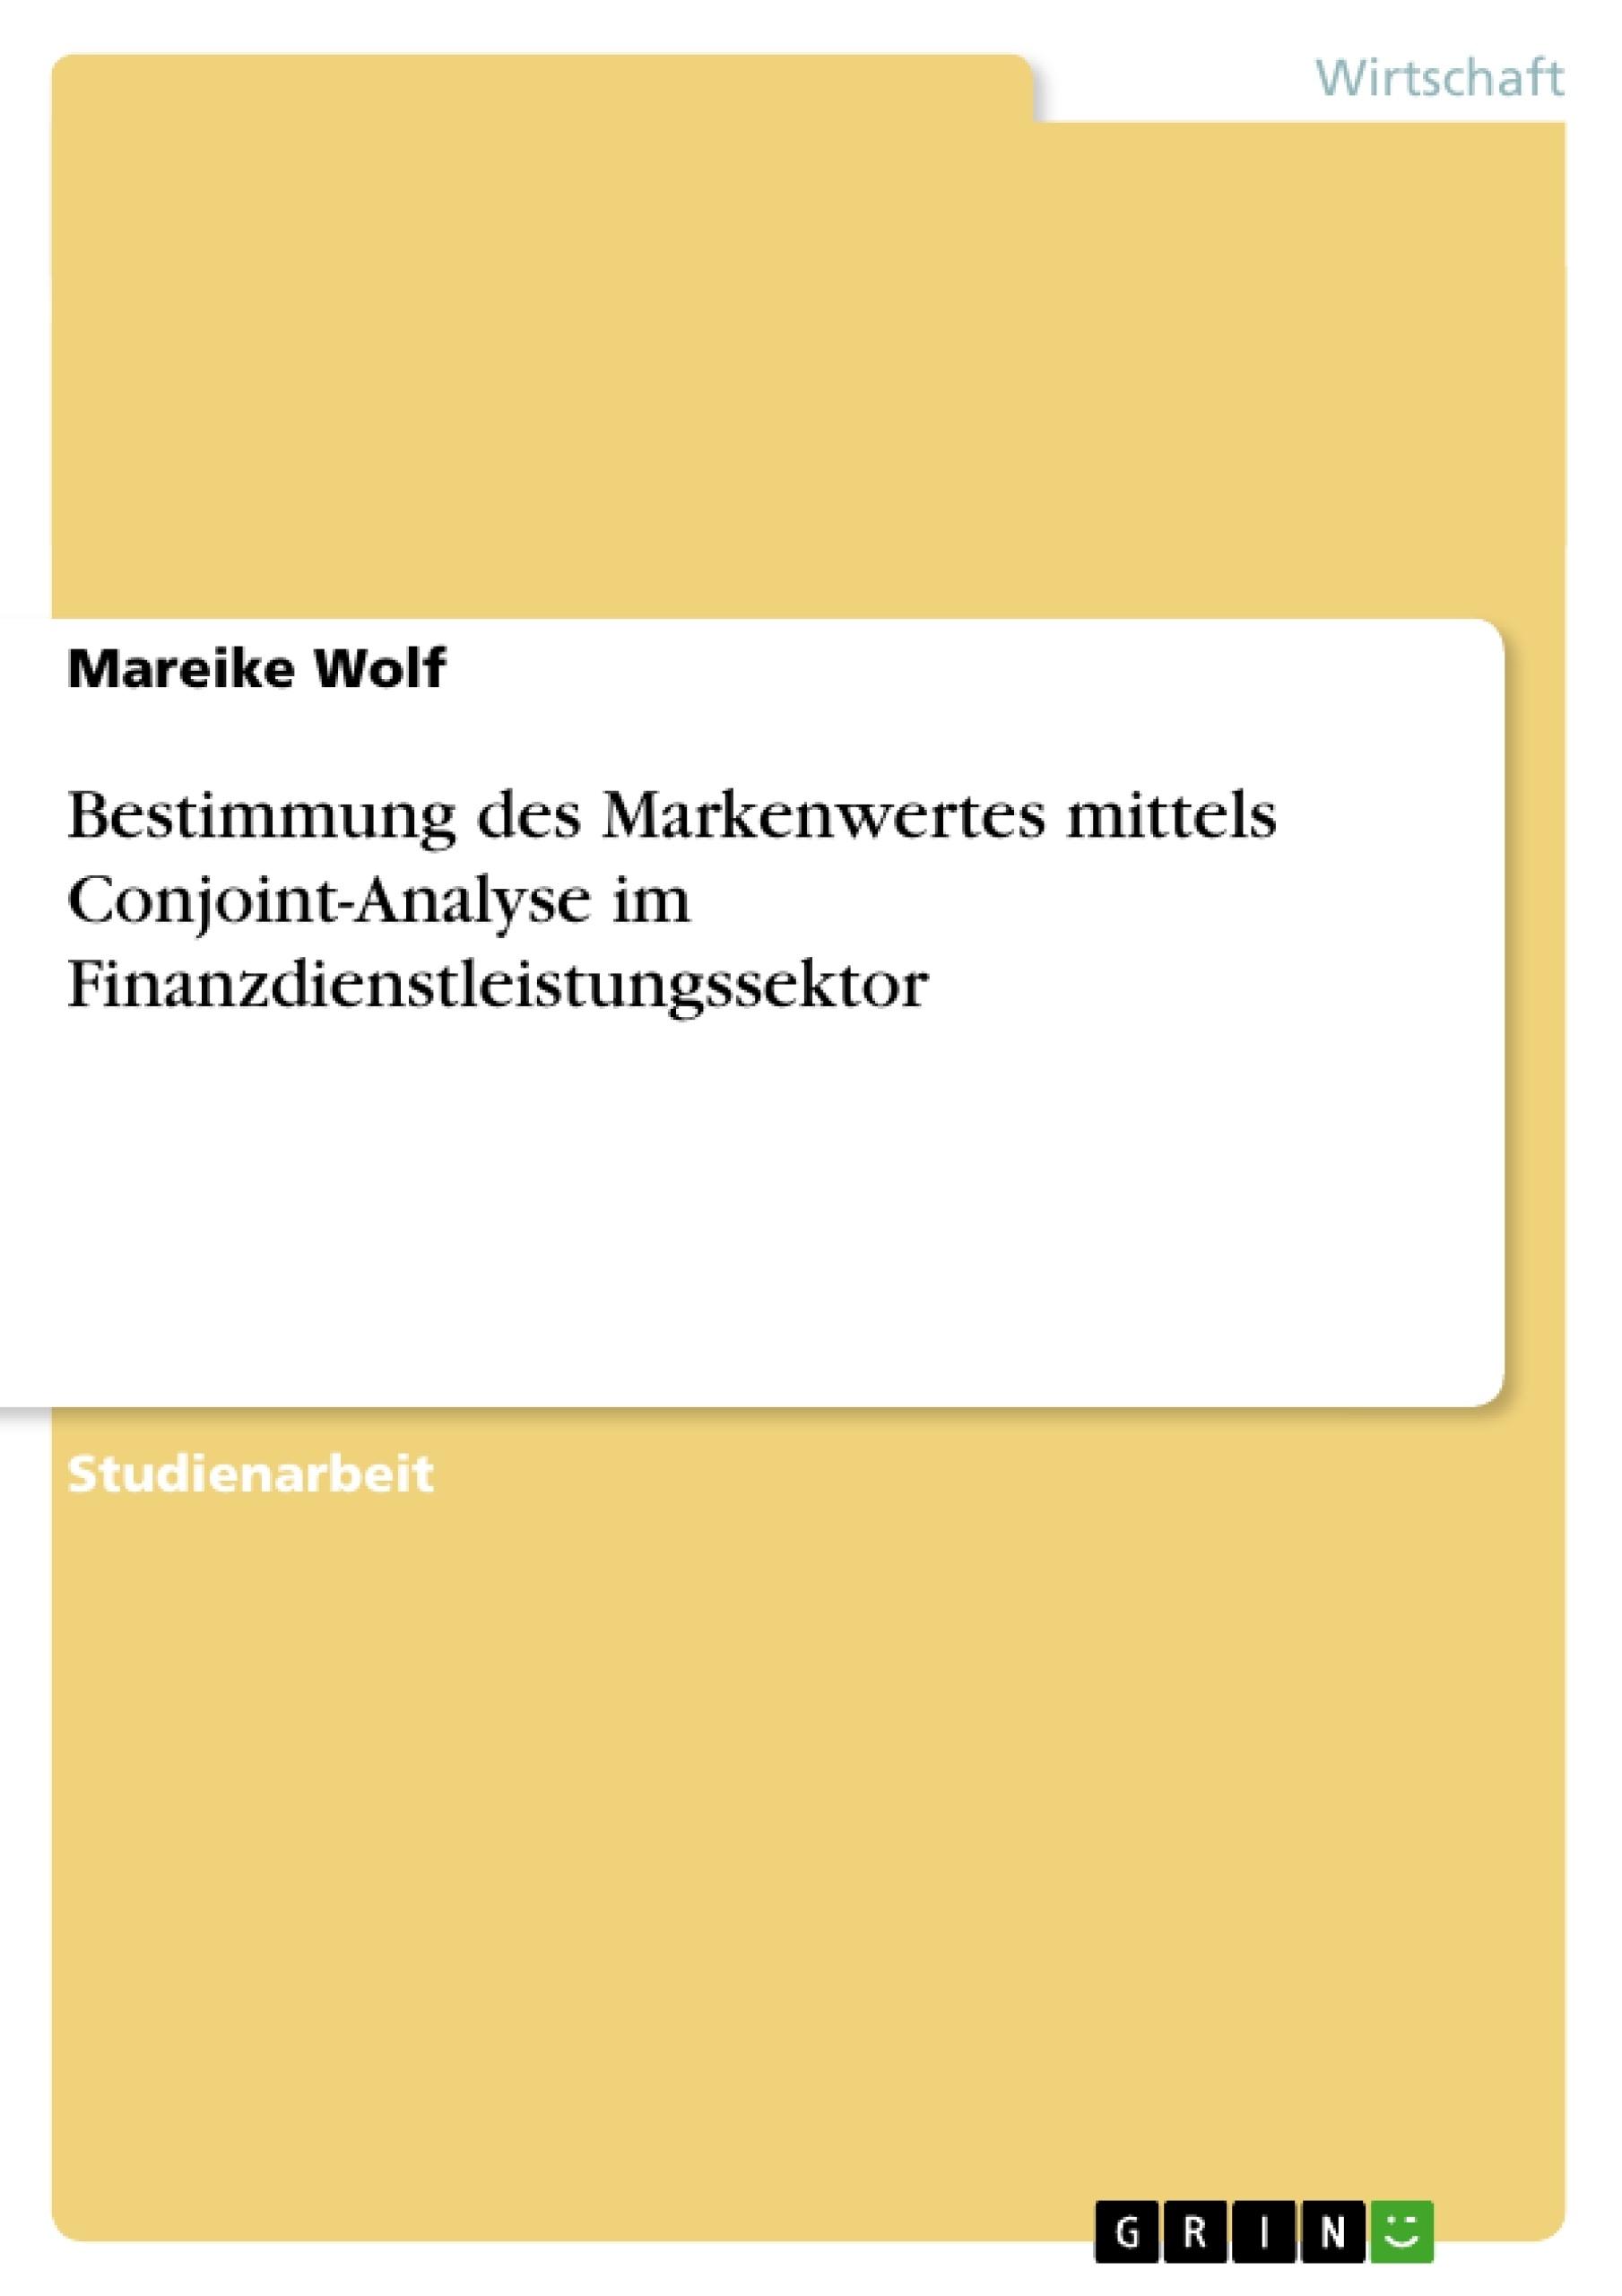 Titel: Bestimmung des Markenwertes mittels Conjoint-Analyse im Finanzdienstleistungssektor